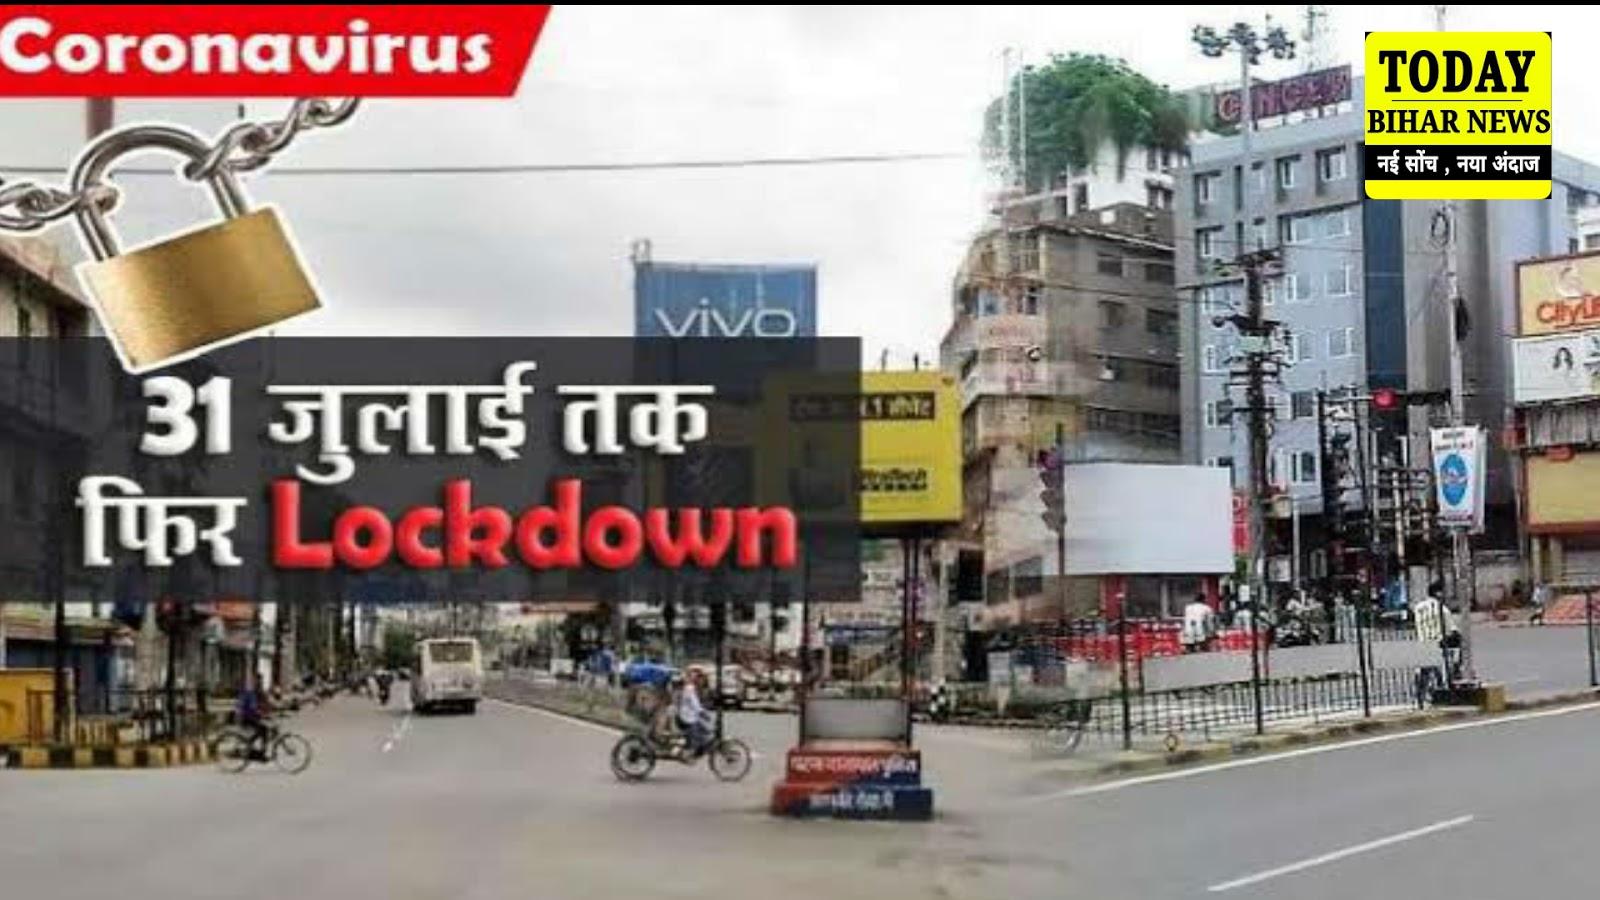 Lockdown in Bihar: बिहार में 31 जुलाई तक लॉकडाउन, क्या-क्या खुला रहेगा, क्या होगा बंद? किन कर्मियों को मिली छूट?